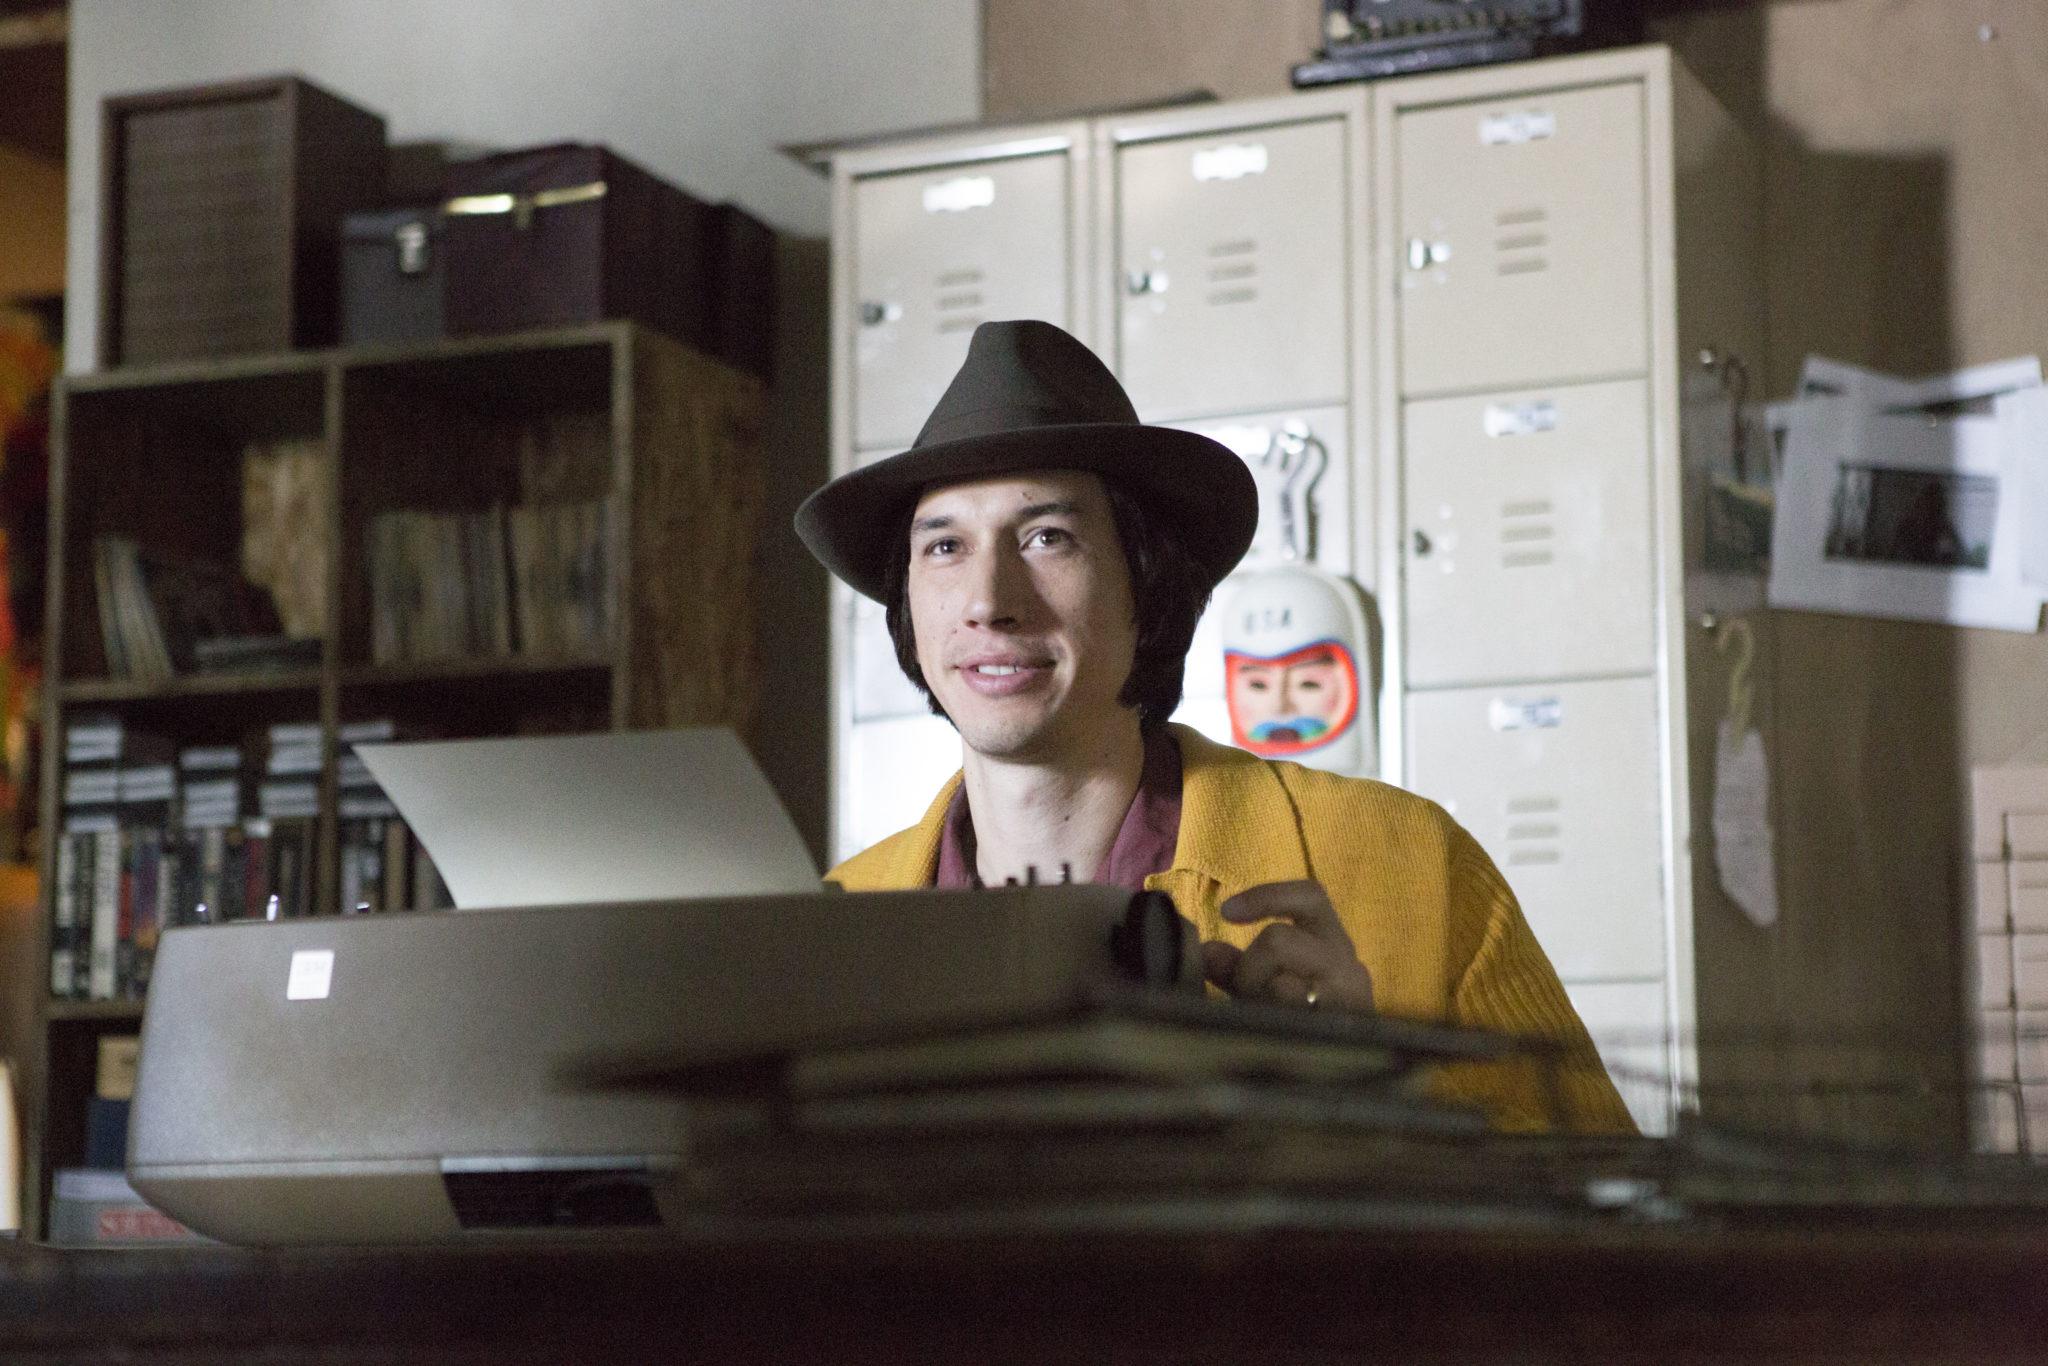 """Als ordentlicher Hipster schreibt man natürlich nur auf einer Schreibmaschine (Adam Driver in """"Gefühlt Mitte Zwanzig"""", Foto: Square One/Universum)"""